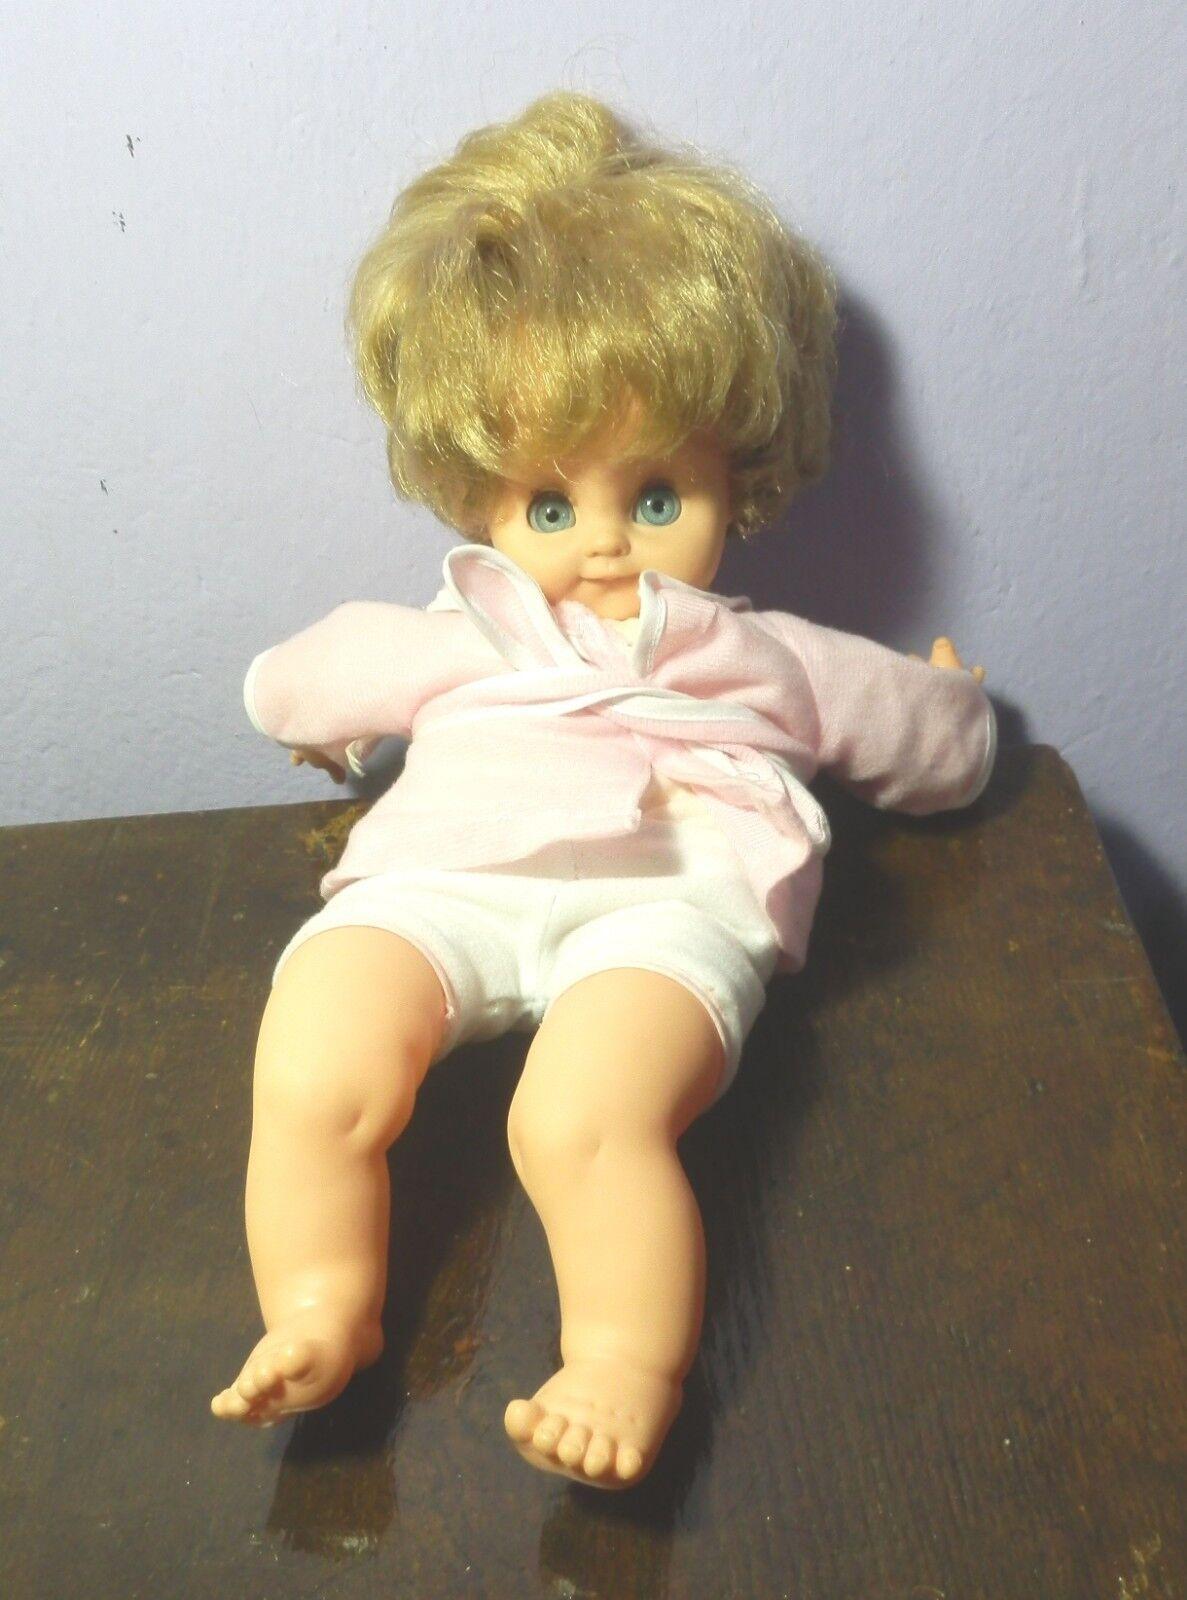 Bellissima e Rara bambola Ratti  doll poupee puppen Muneca Vintage antico